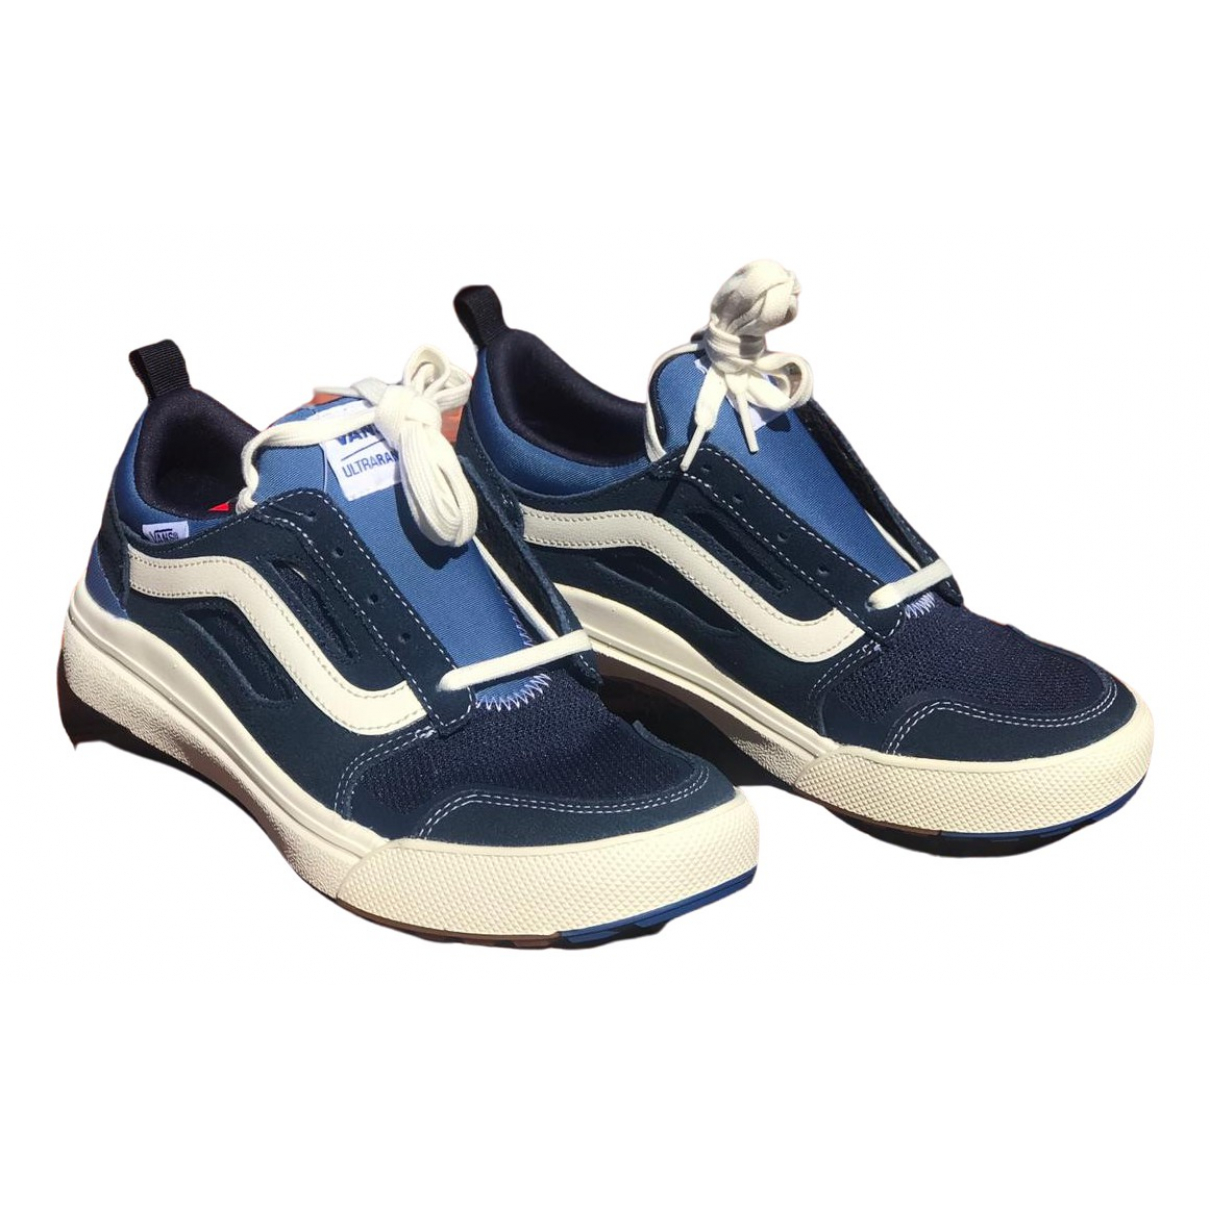 Vans - Baskets   pour homme en cuir - bleu